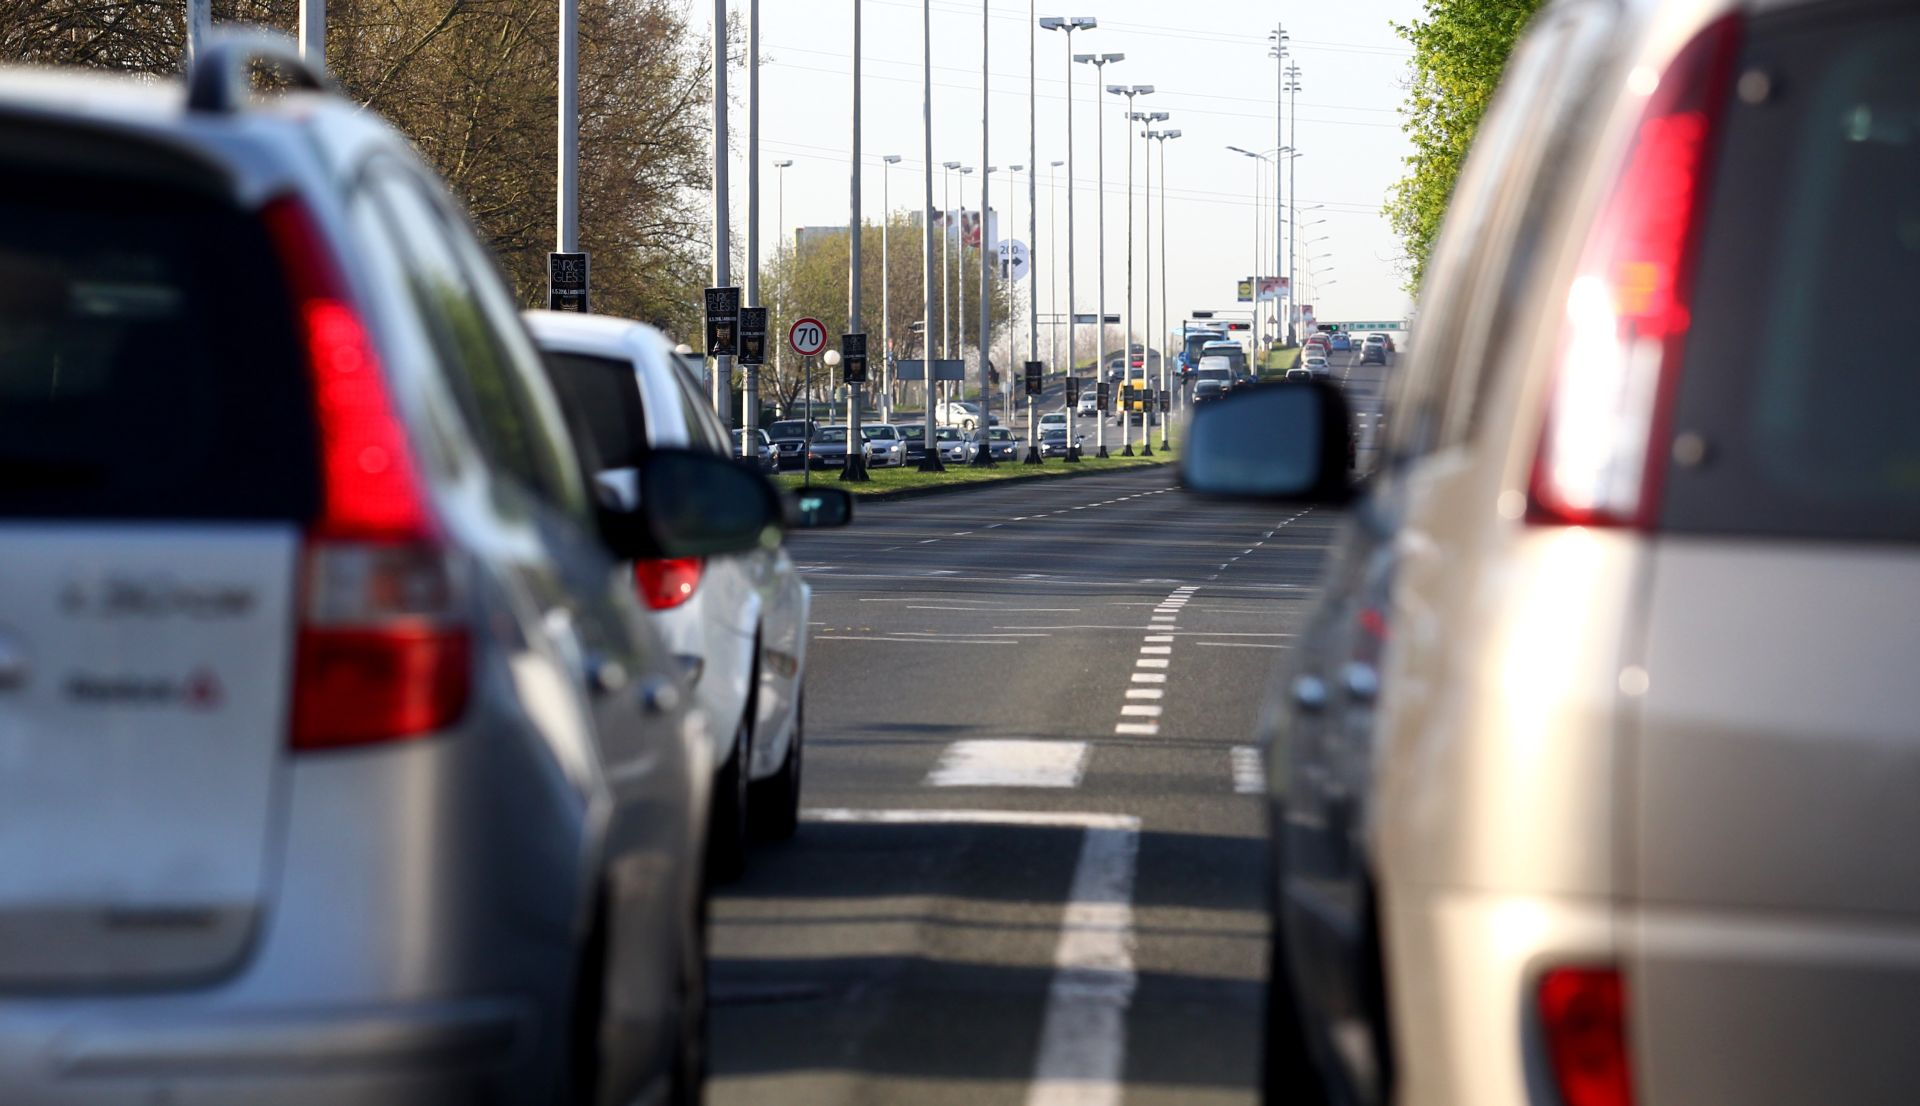 HAK Povoljni vremenski uvjeti za vožnju, pojačan promet na graničnim prijelazima